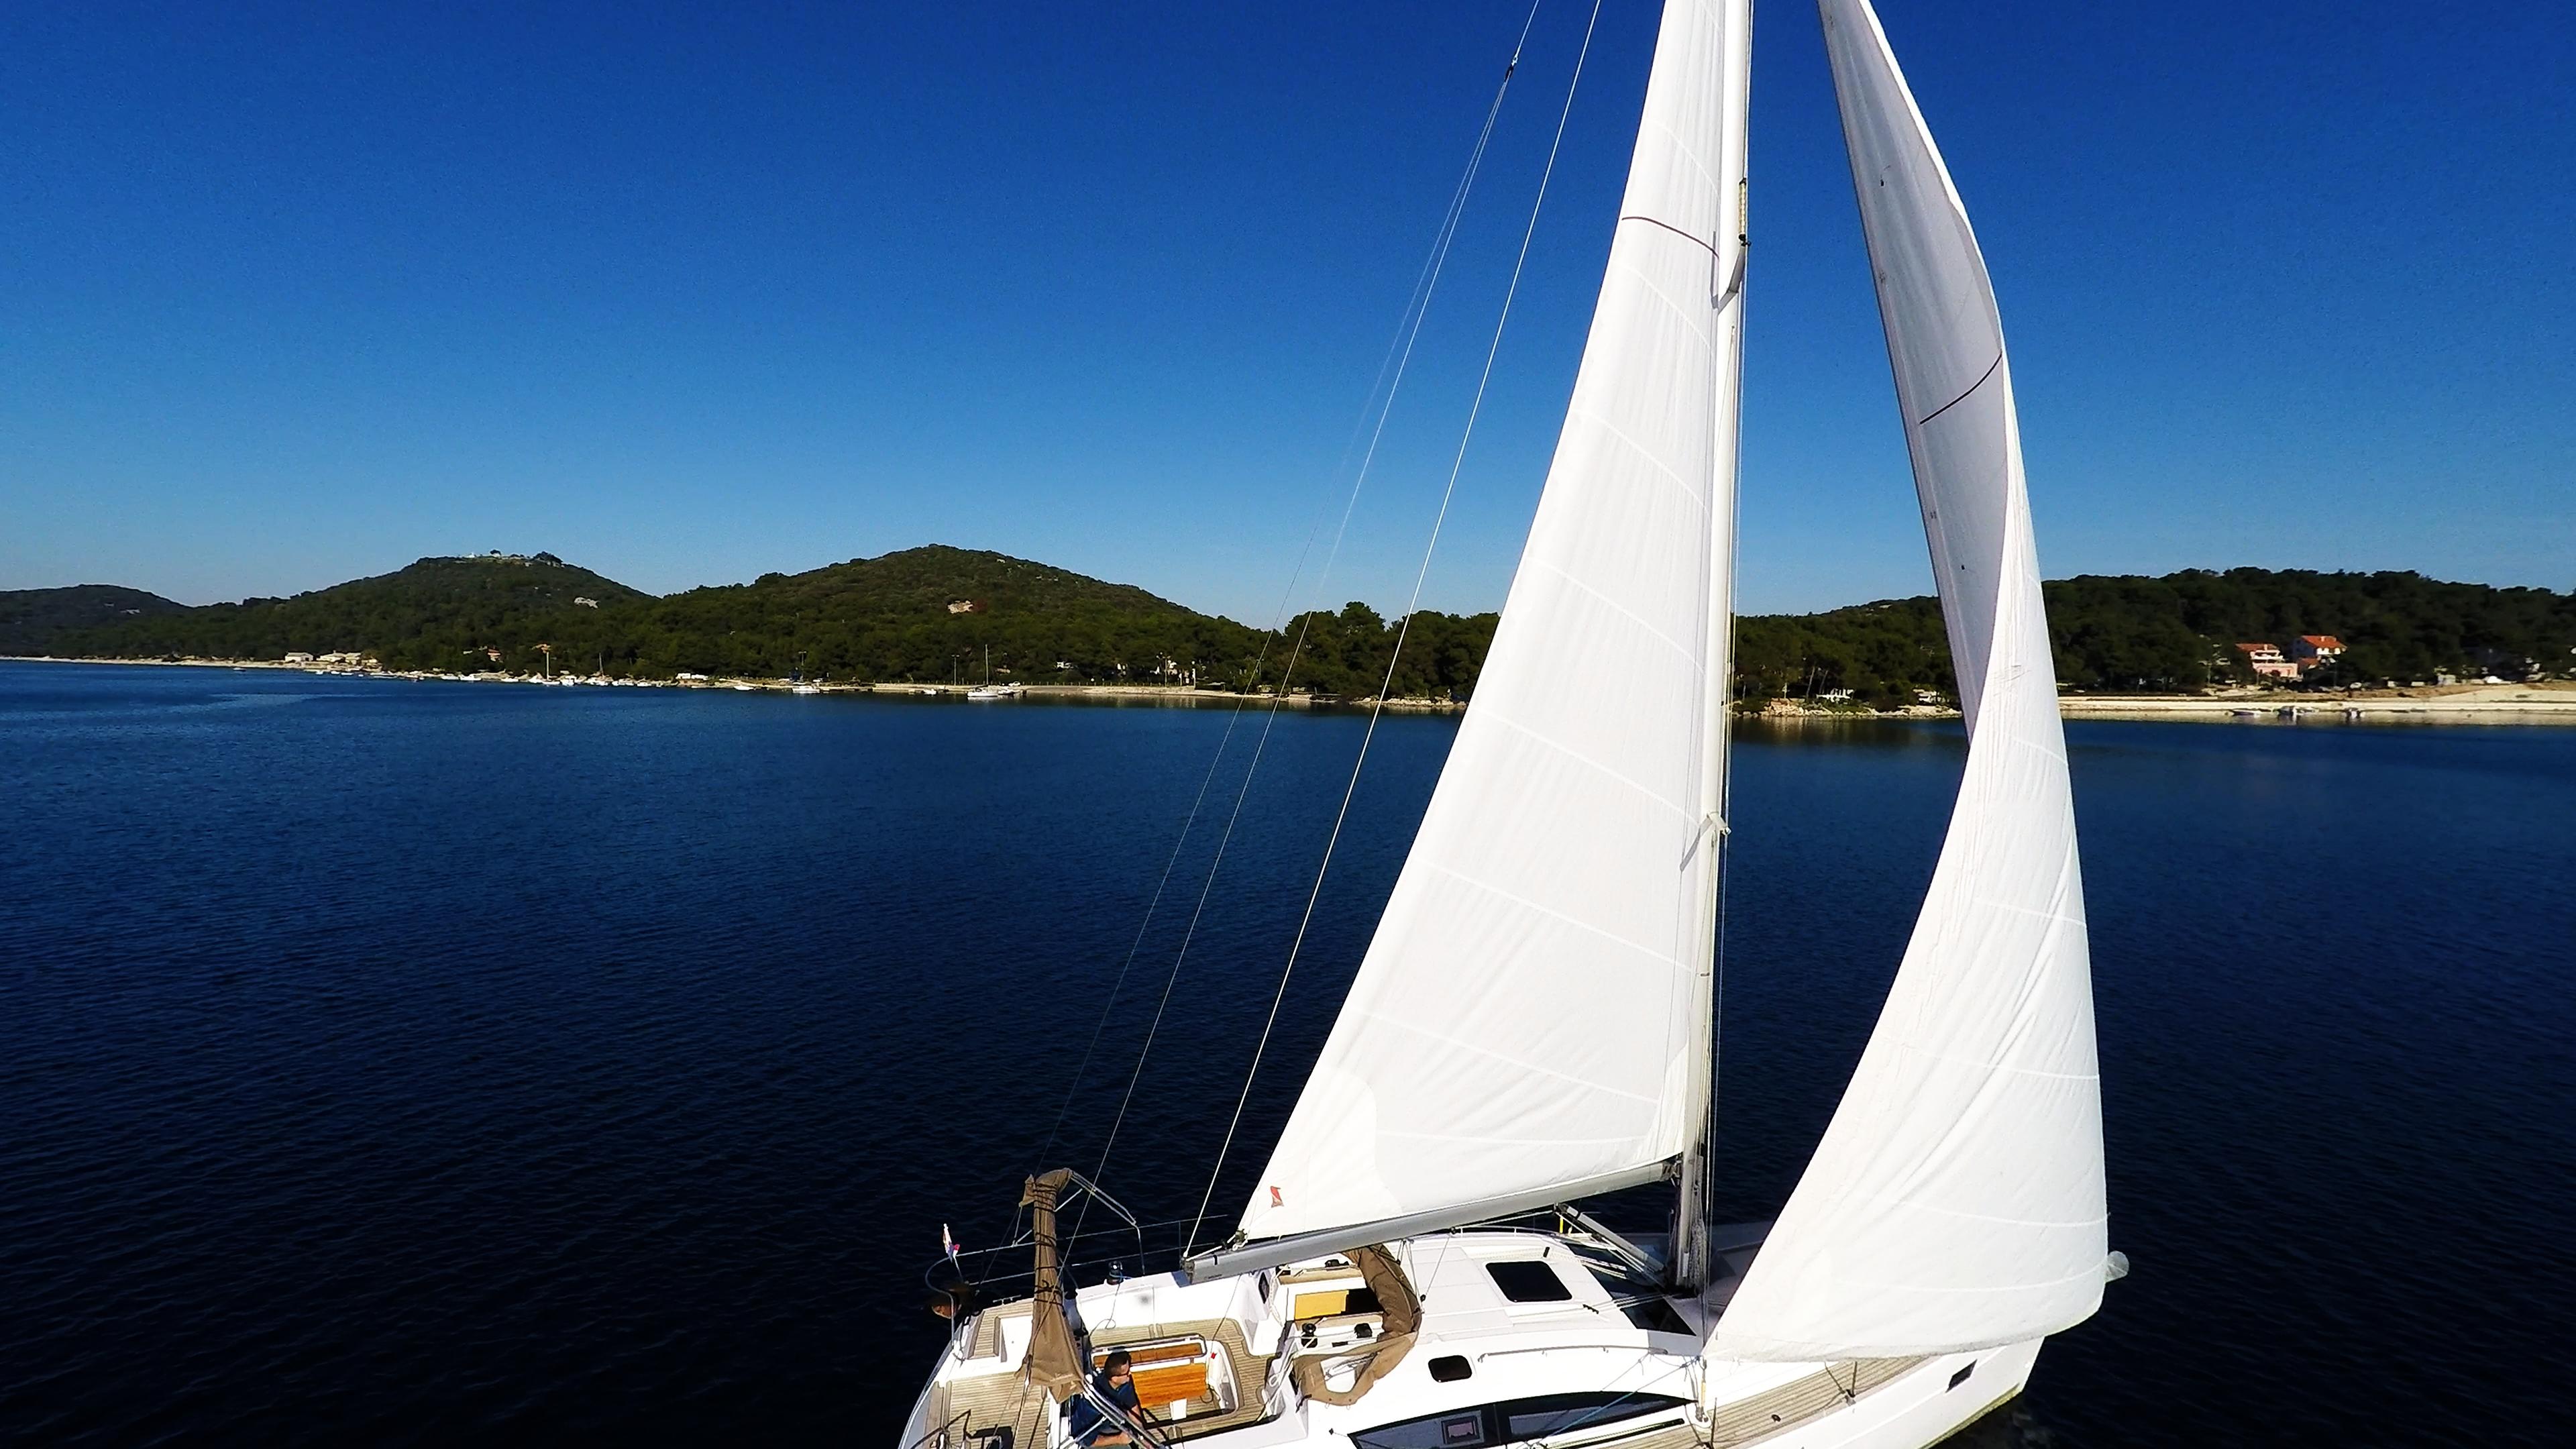 bateau à voile mer bleueet ciel voiles de voilier voilier